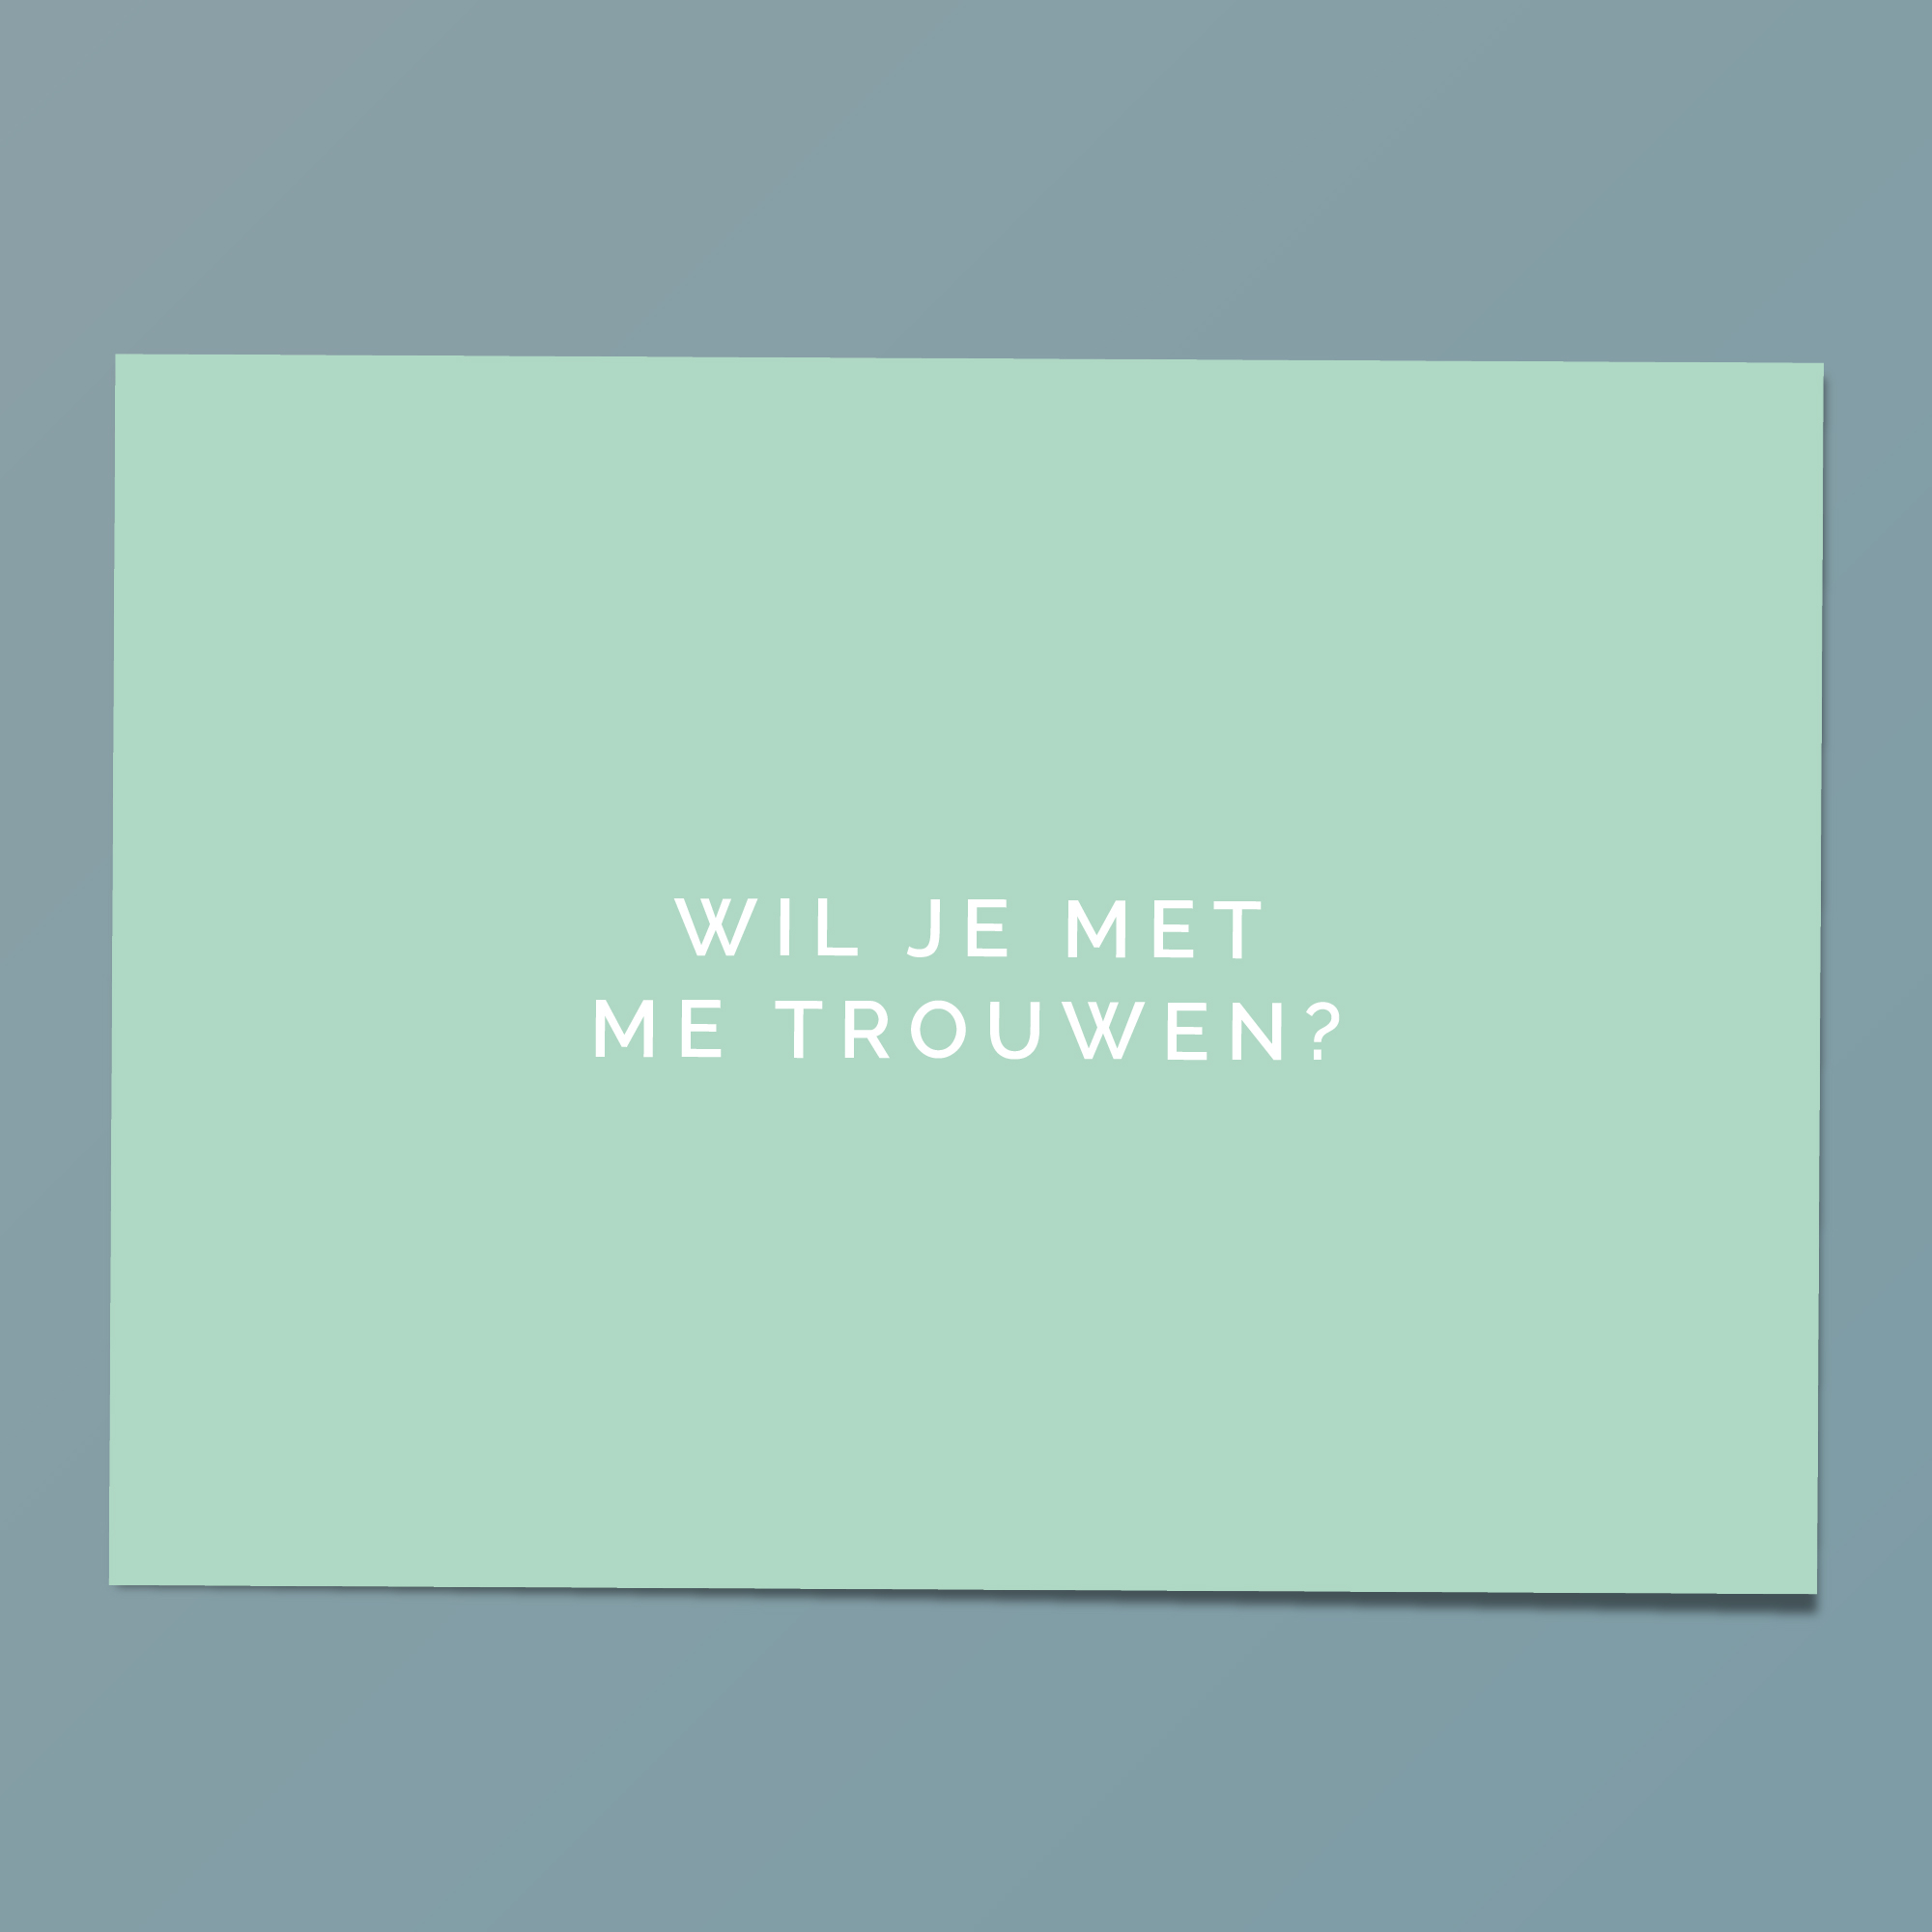 portfolio-dimgray-huisstijl-aureliaceremoniemeester-ansichtkaart-voor